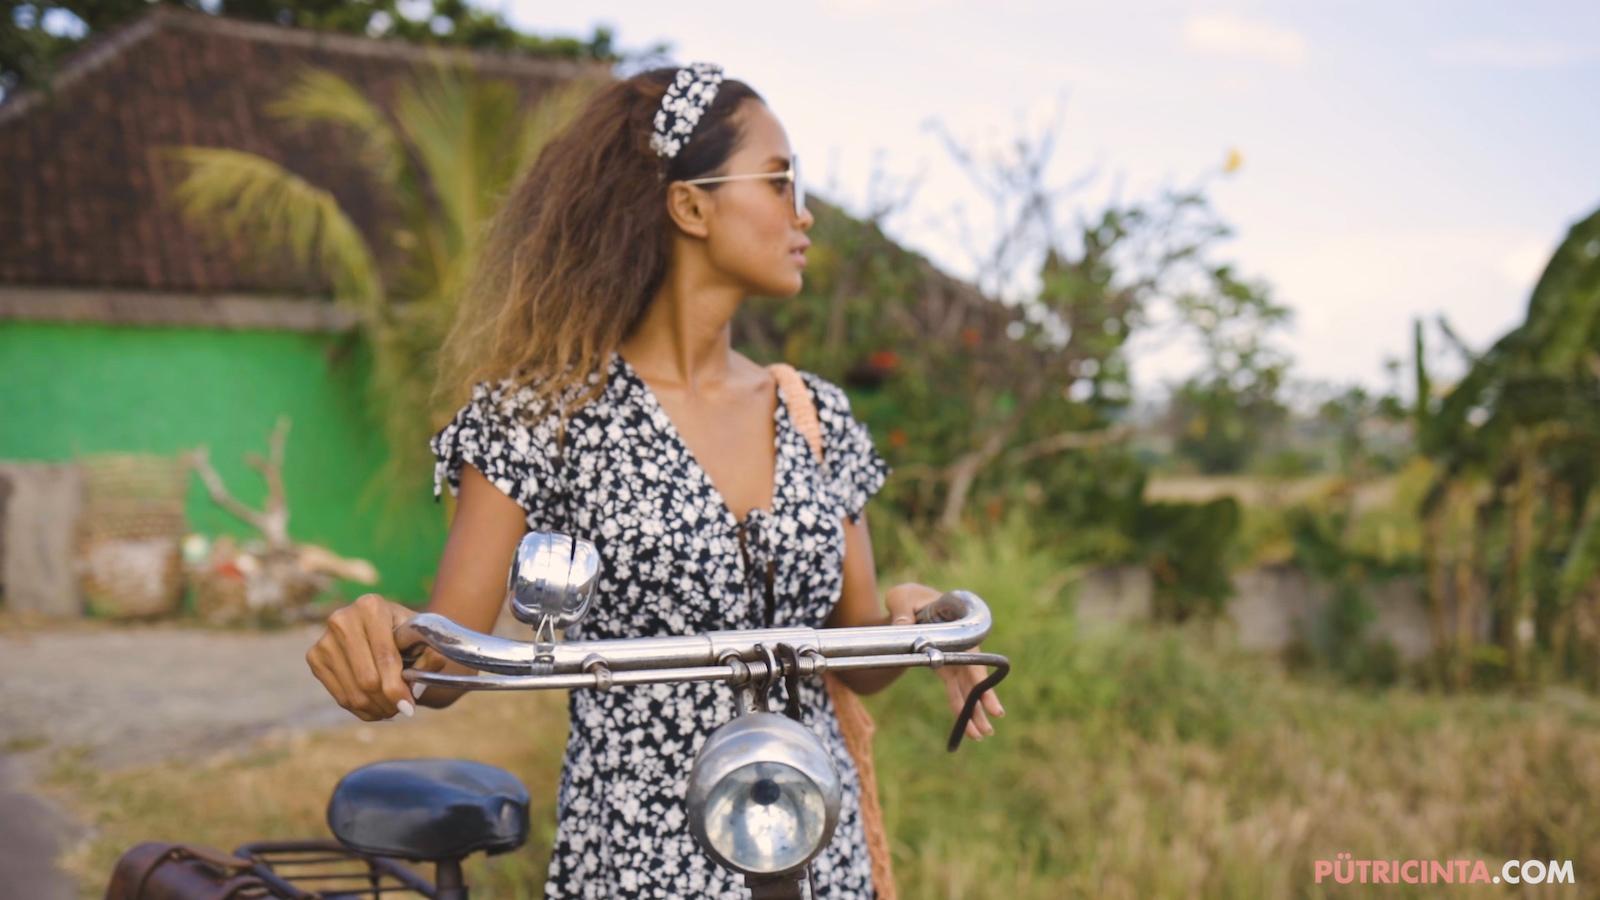 024-cyclingcommando-Putri-Cinta-Mainvid-stills-9.jpg